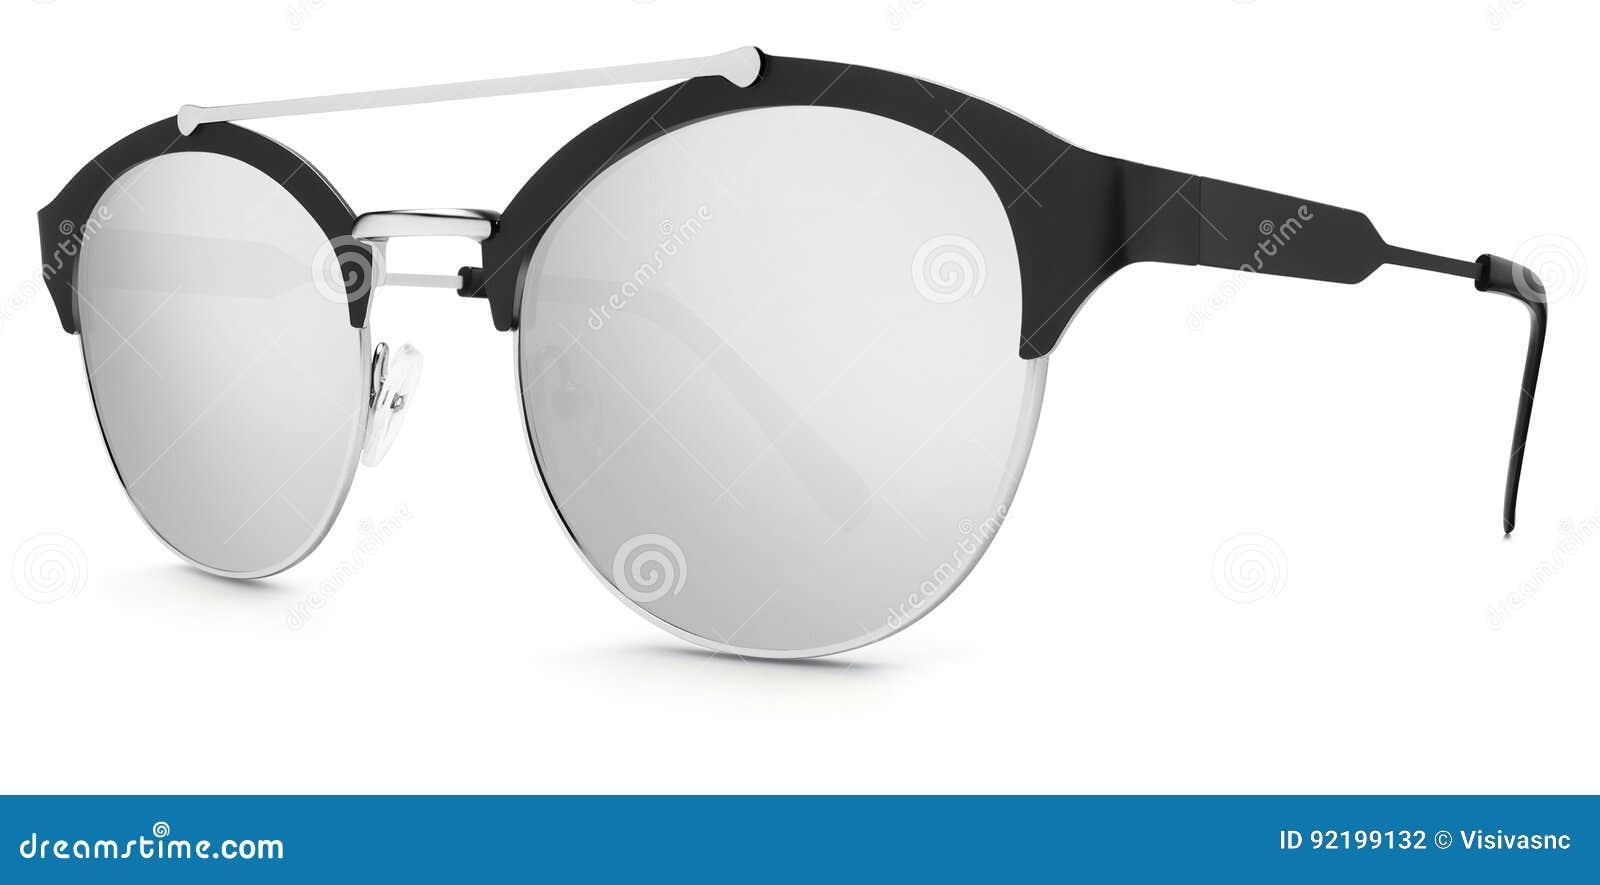 Försilvra och svärta argent spegellinser för solglasögon på whi